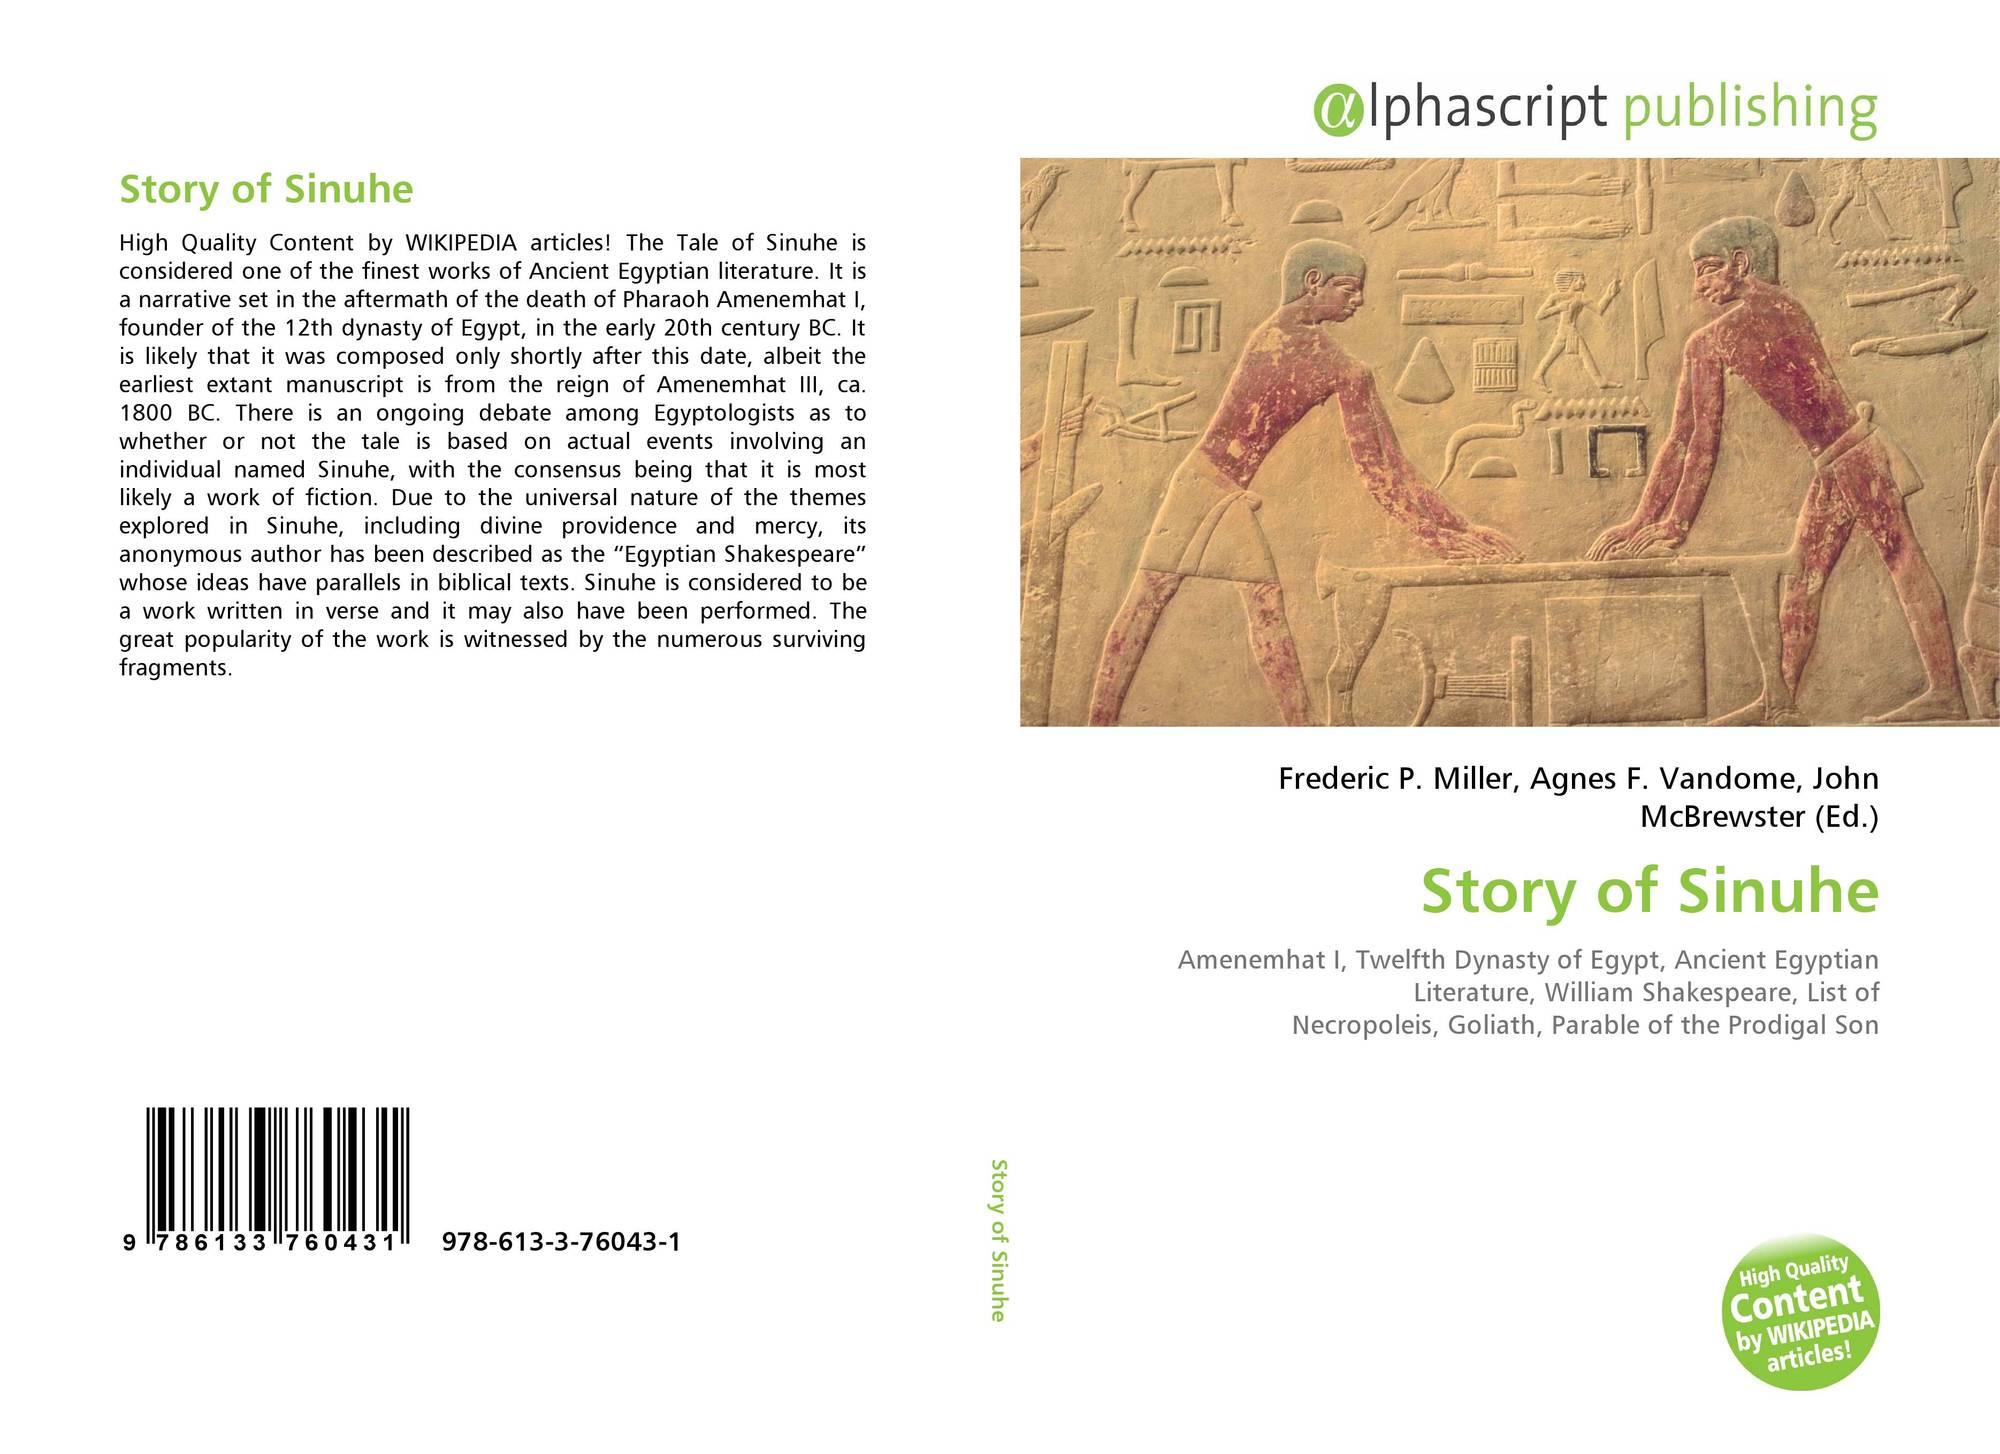 tale of sinuhe story